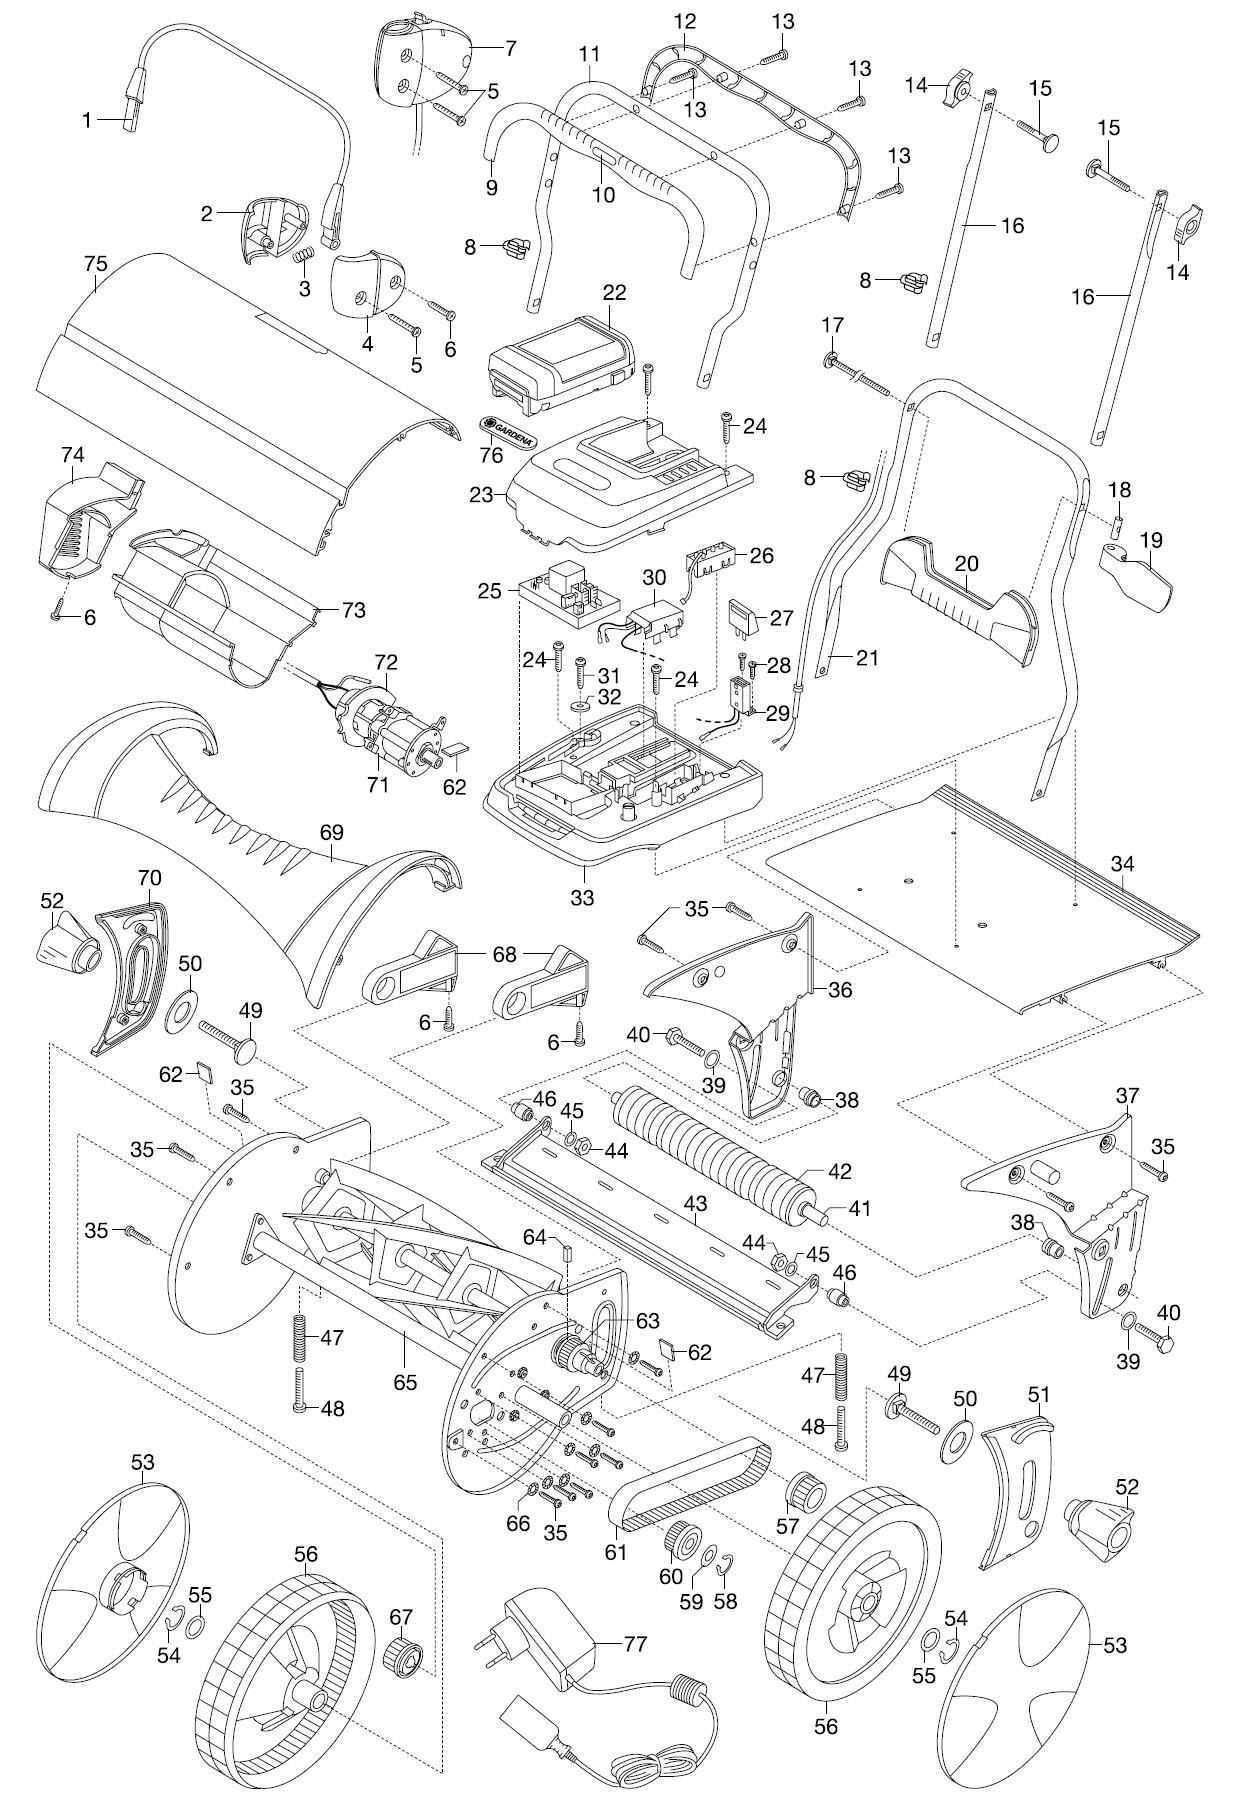 gardena ersatzteile accu spindelm her 380 li 4025. Black Bedroom Furniture Sets. Home Design Ideas